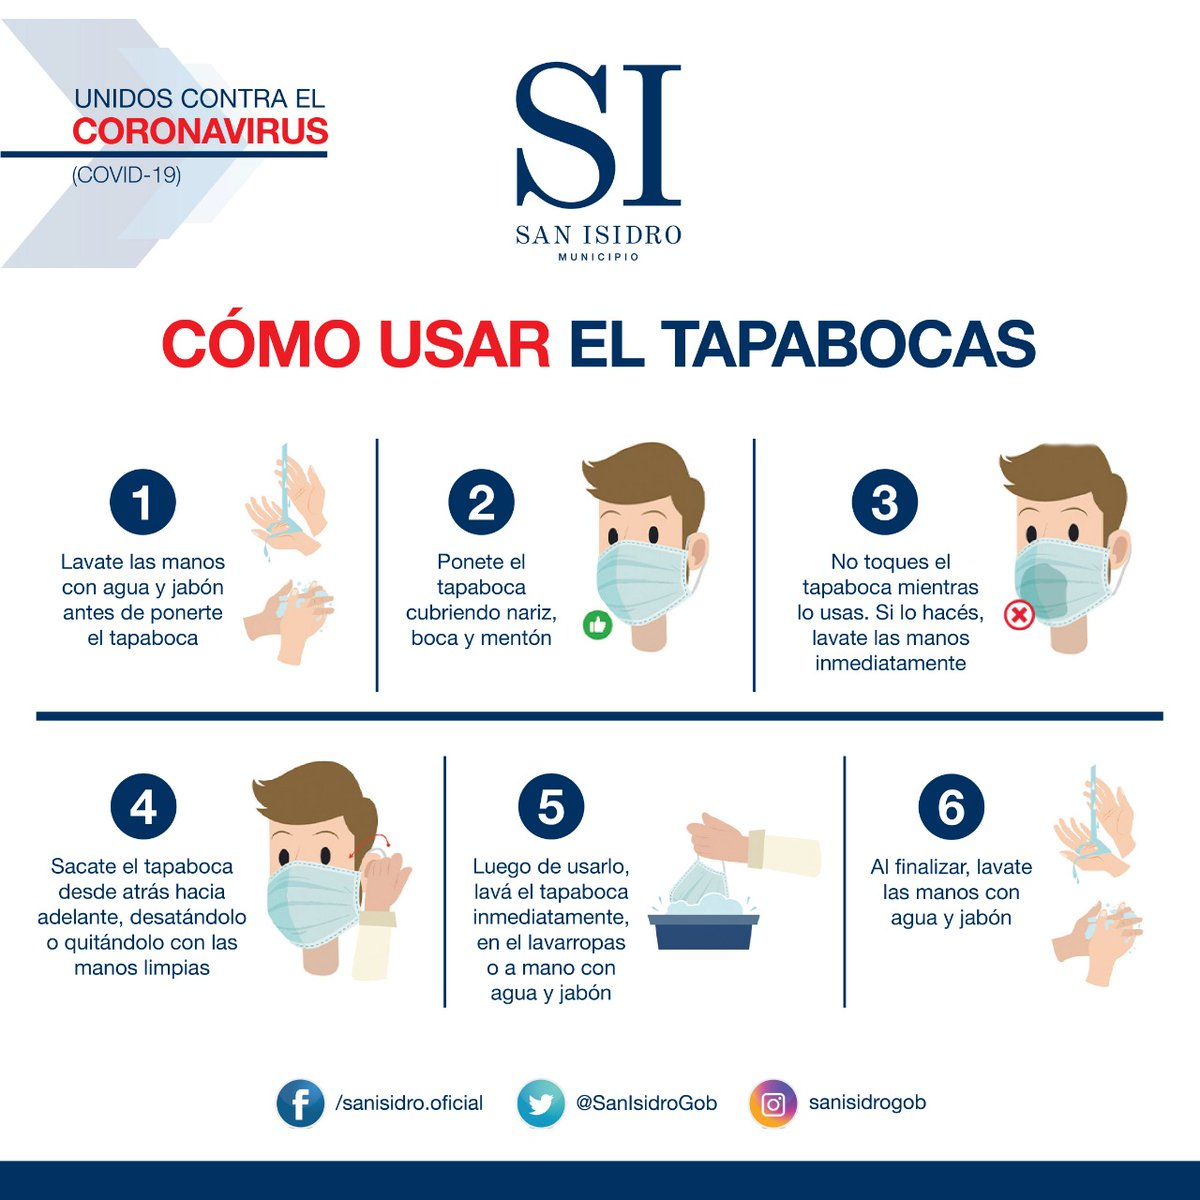 El uso del barbijo es obligatorio en San Isidro. Tomá todas las precauciones al usarlo. #Salud #SanIsidro #SanIsidroEsDistinto https://t.co/bdnggJZHTk